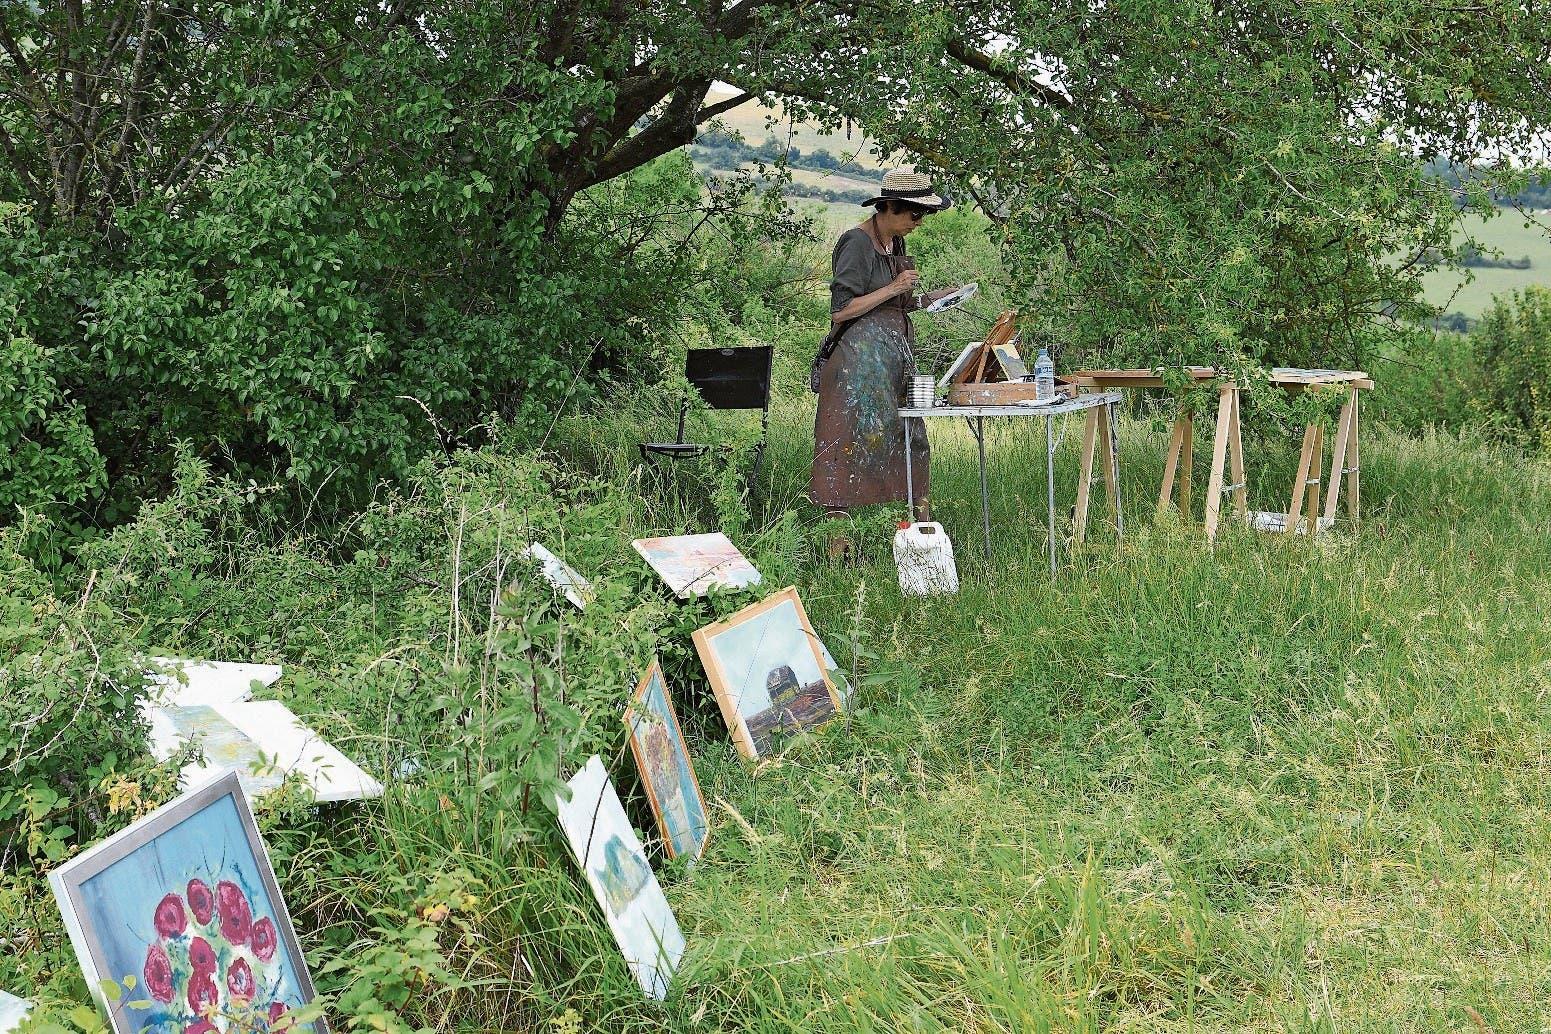 Die Normandie inspiriert Künstler zur Arbeit im Freien.